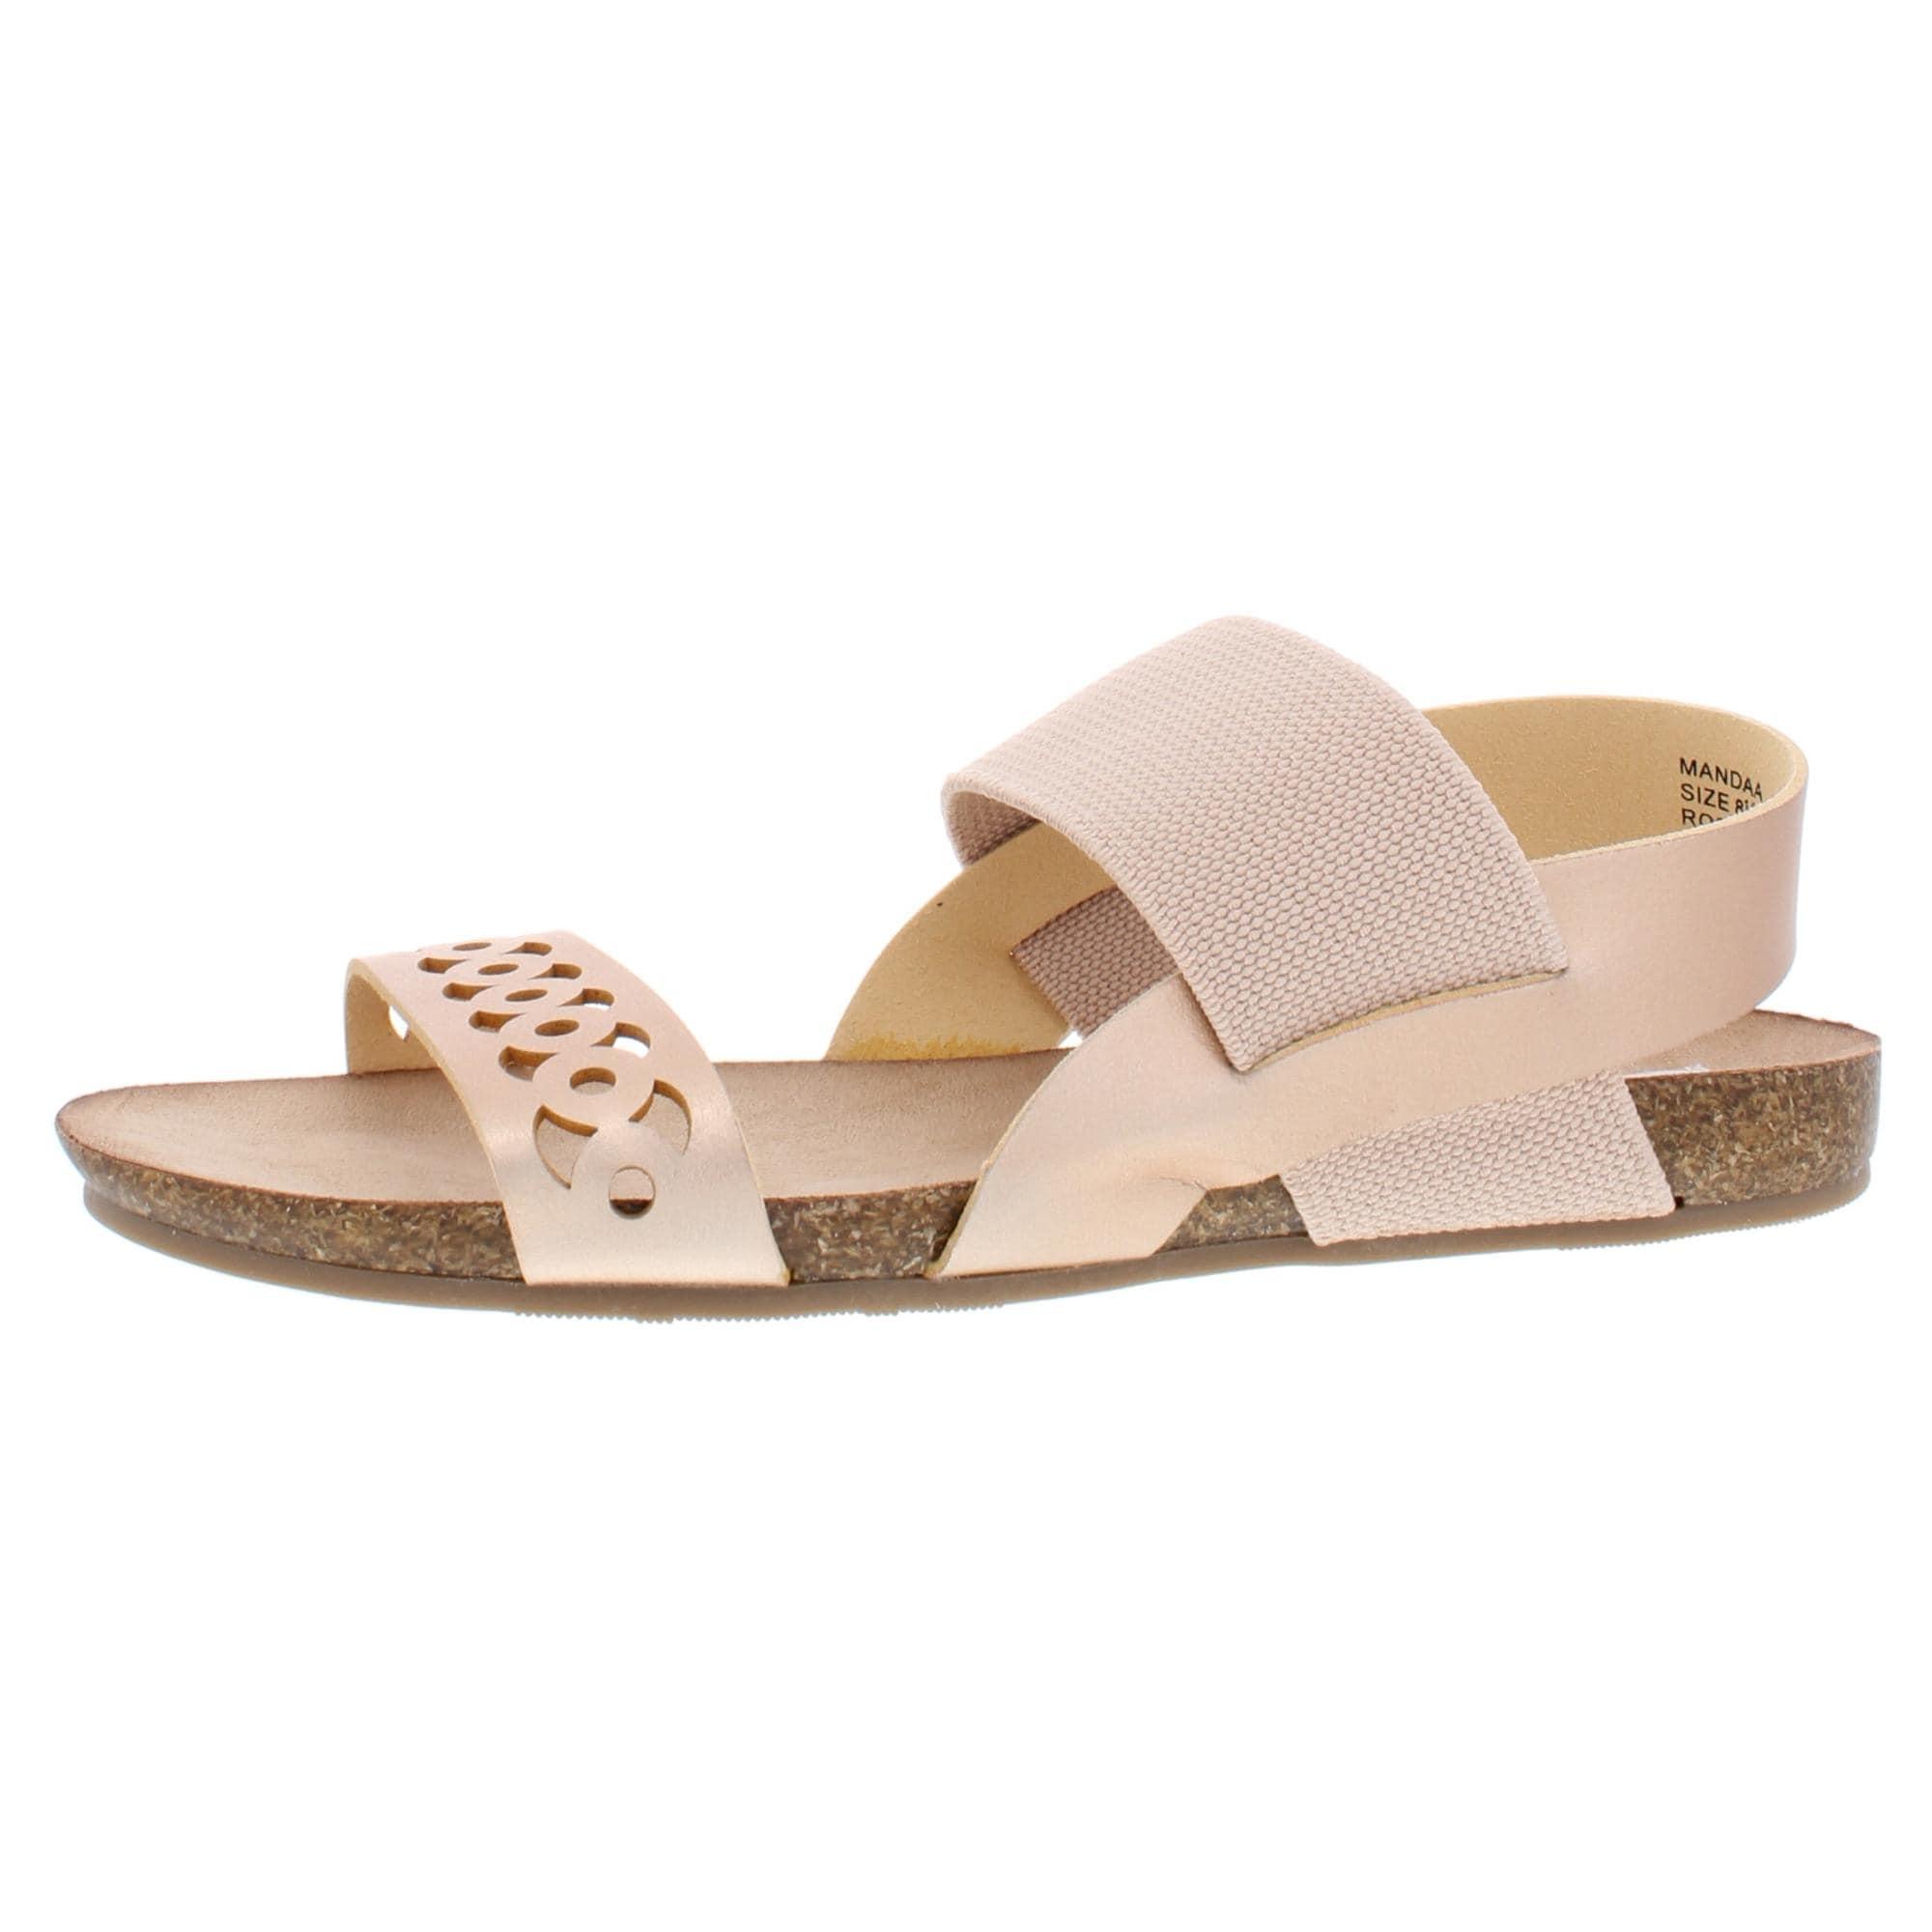 Steve Madden Womens Mandaa Flat Sandals